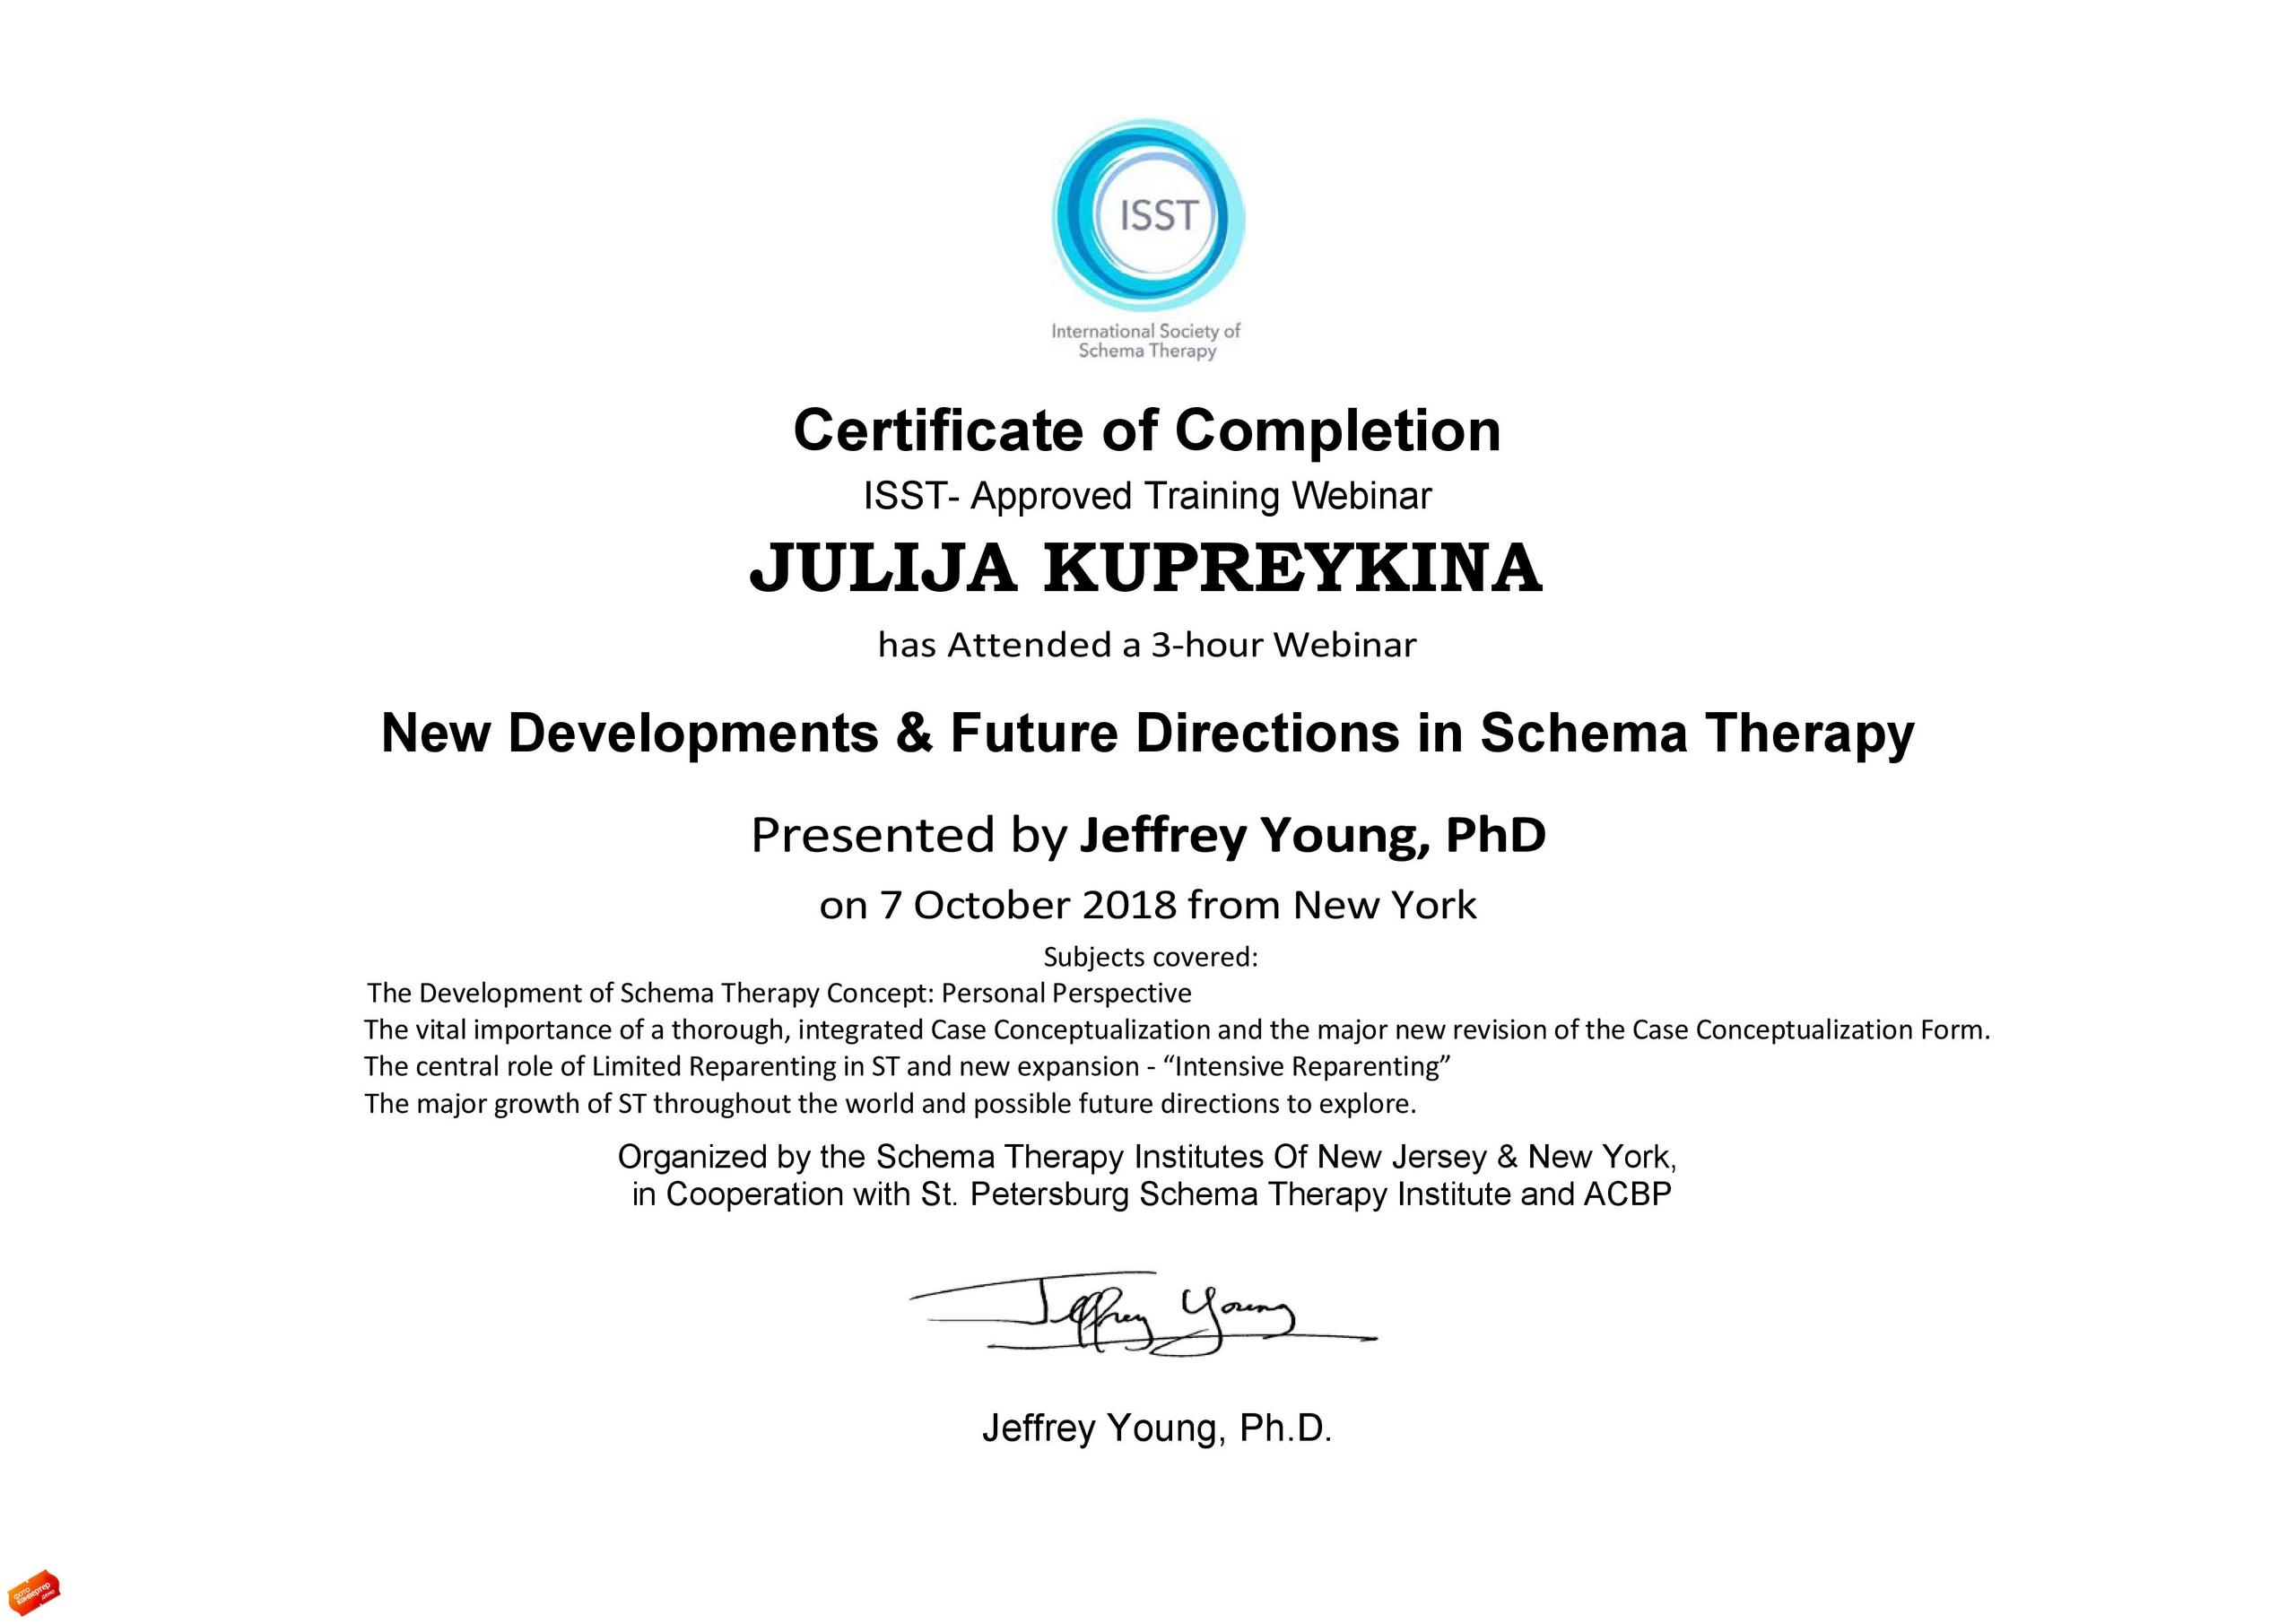 Схема терапия Джефри Янга